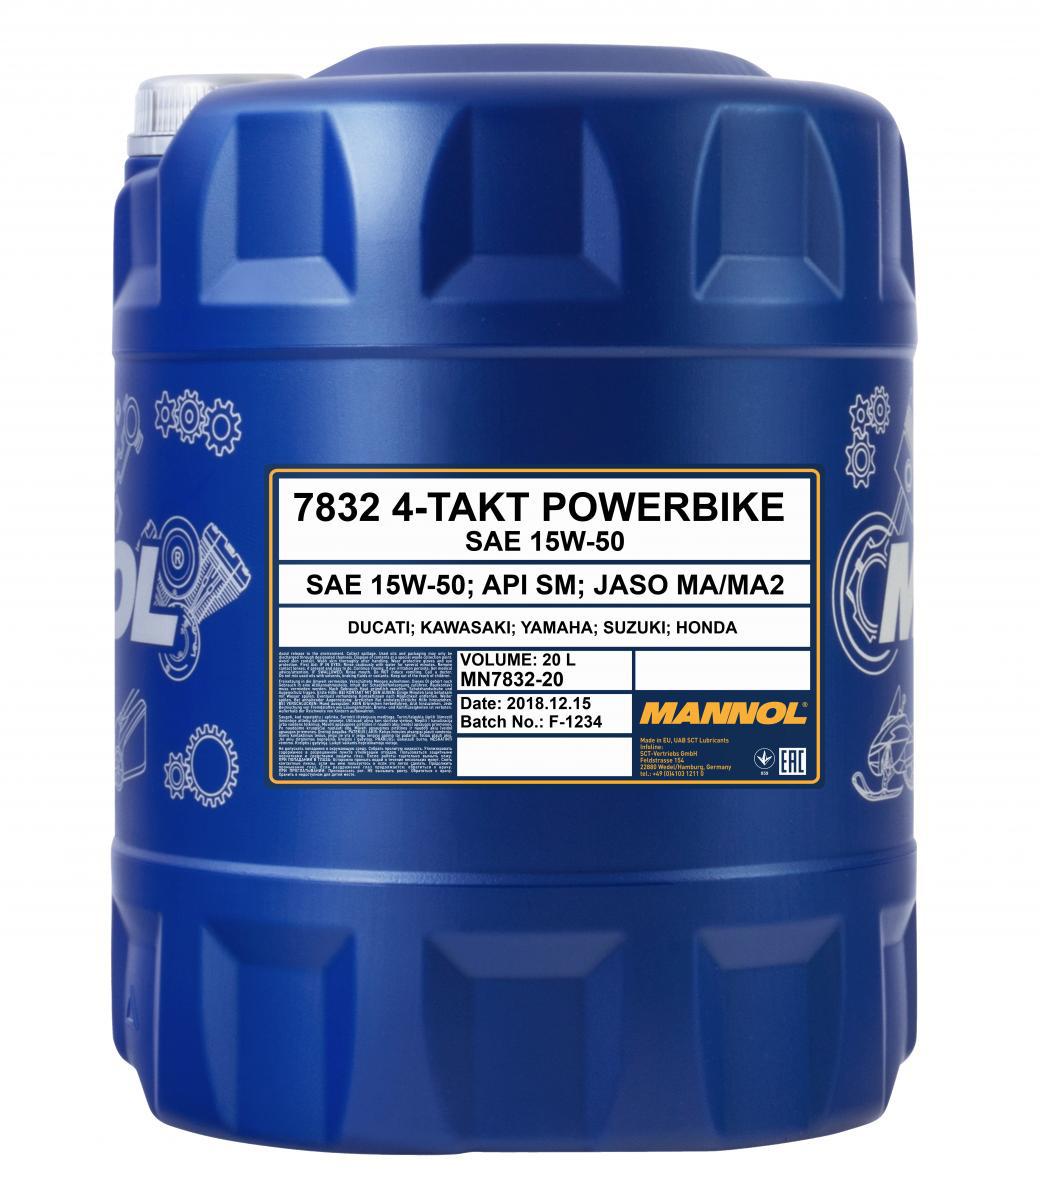 4-Takt Powerbike 15W-50